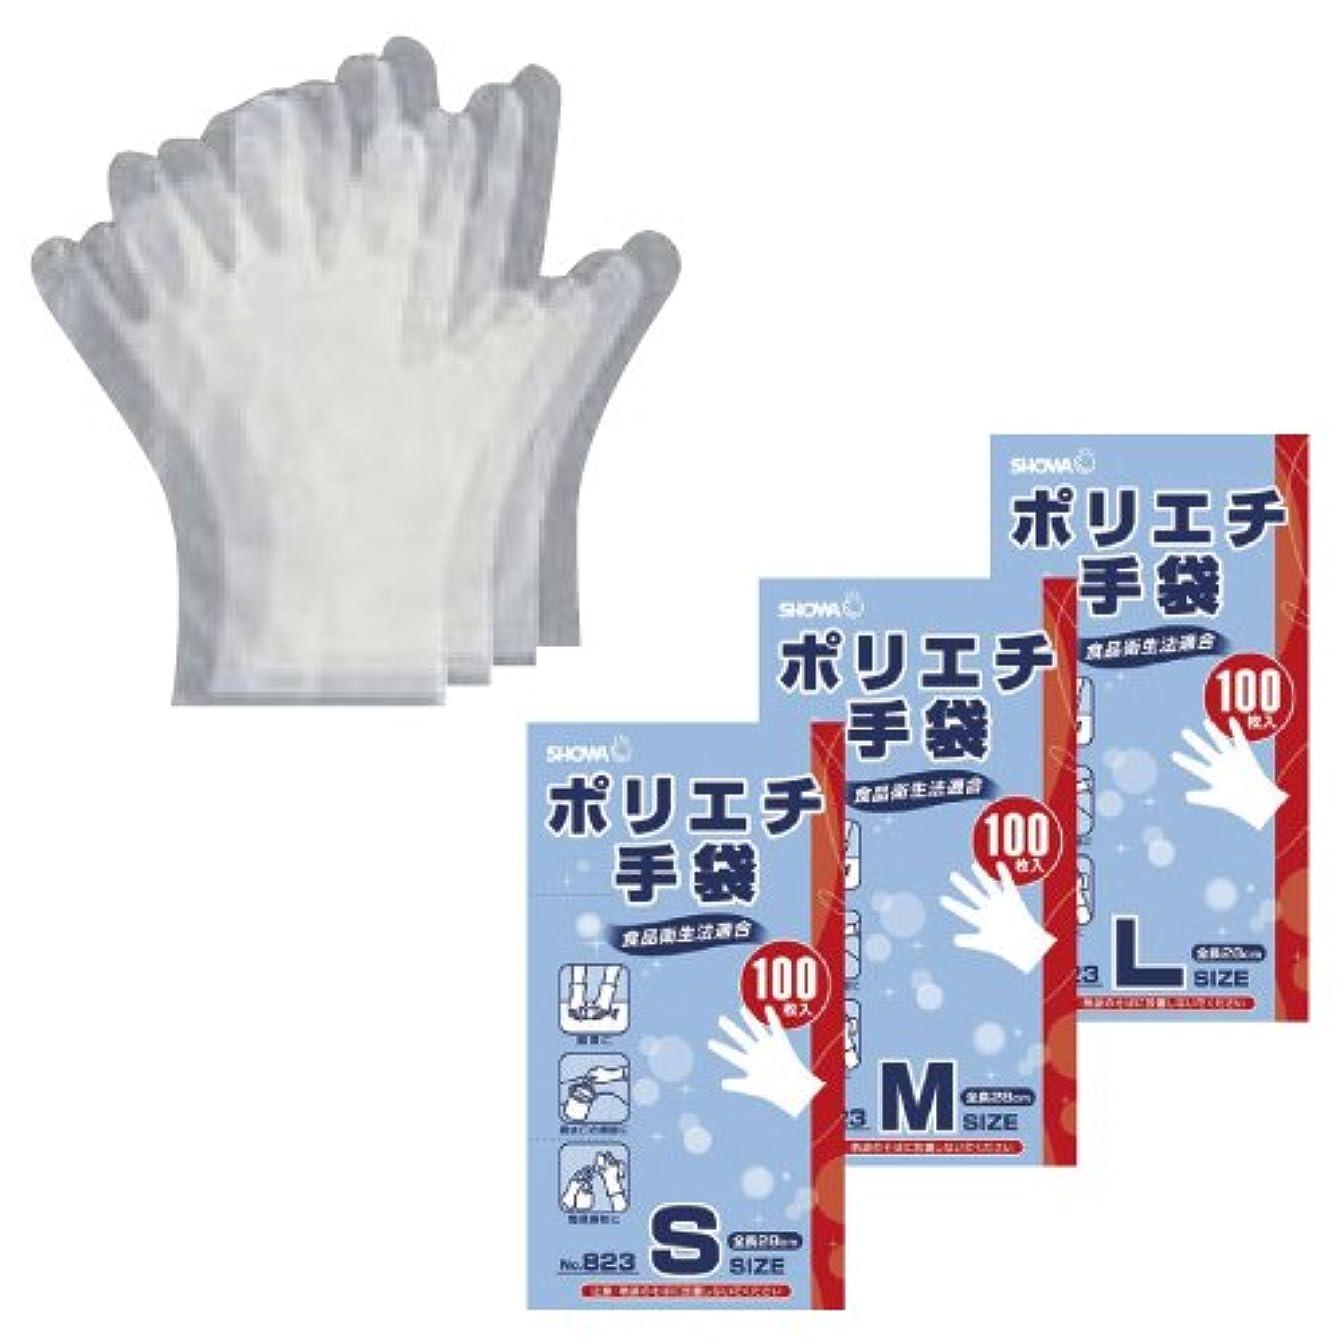 ポリエチ手袋(半透明) NO.823(S)100????????????(23-7247-00)